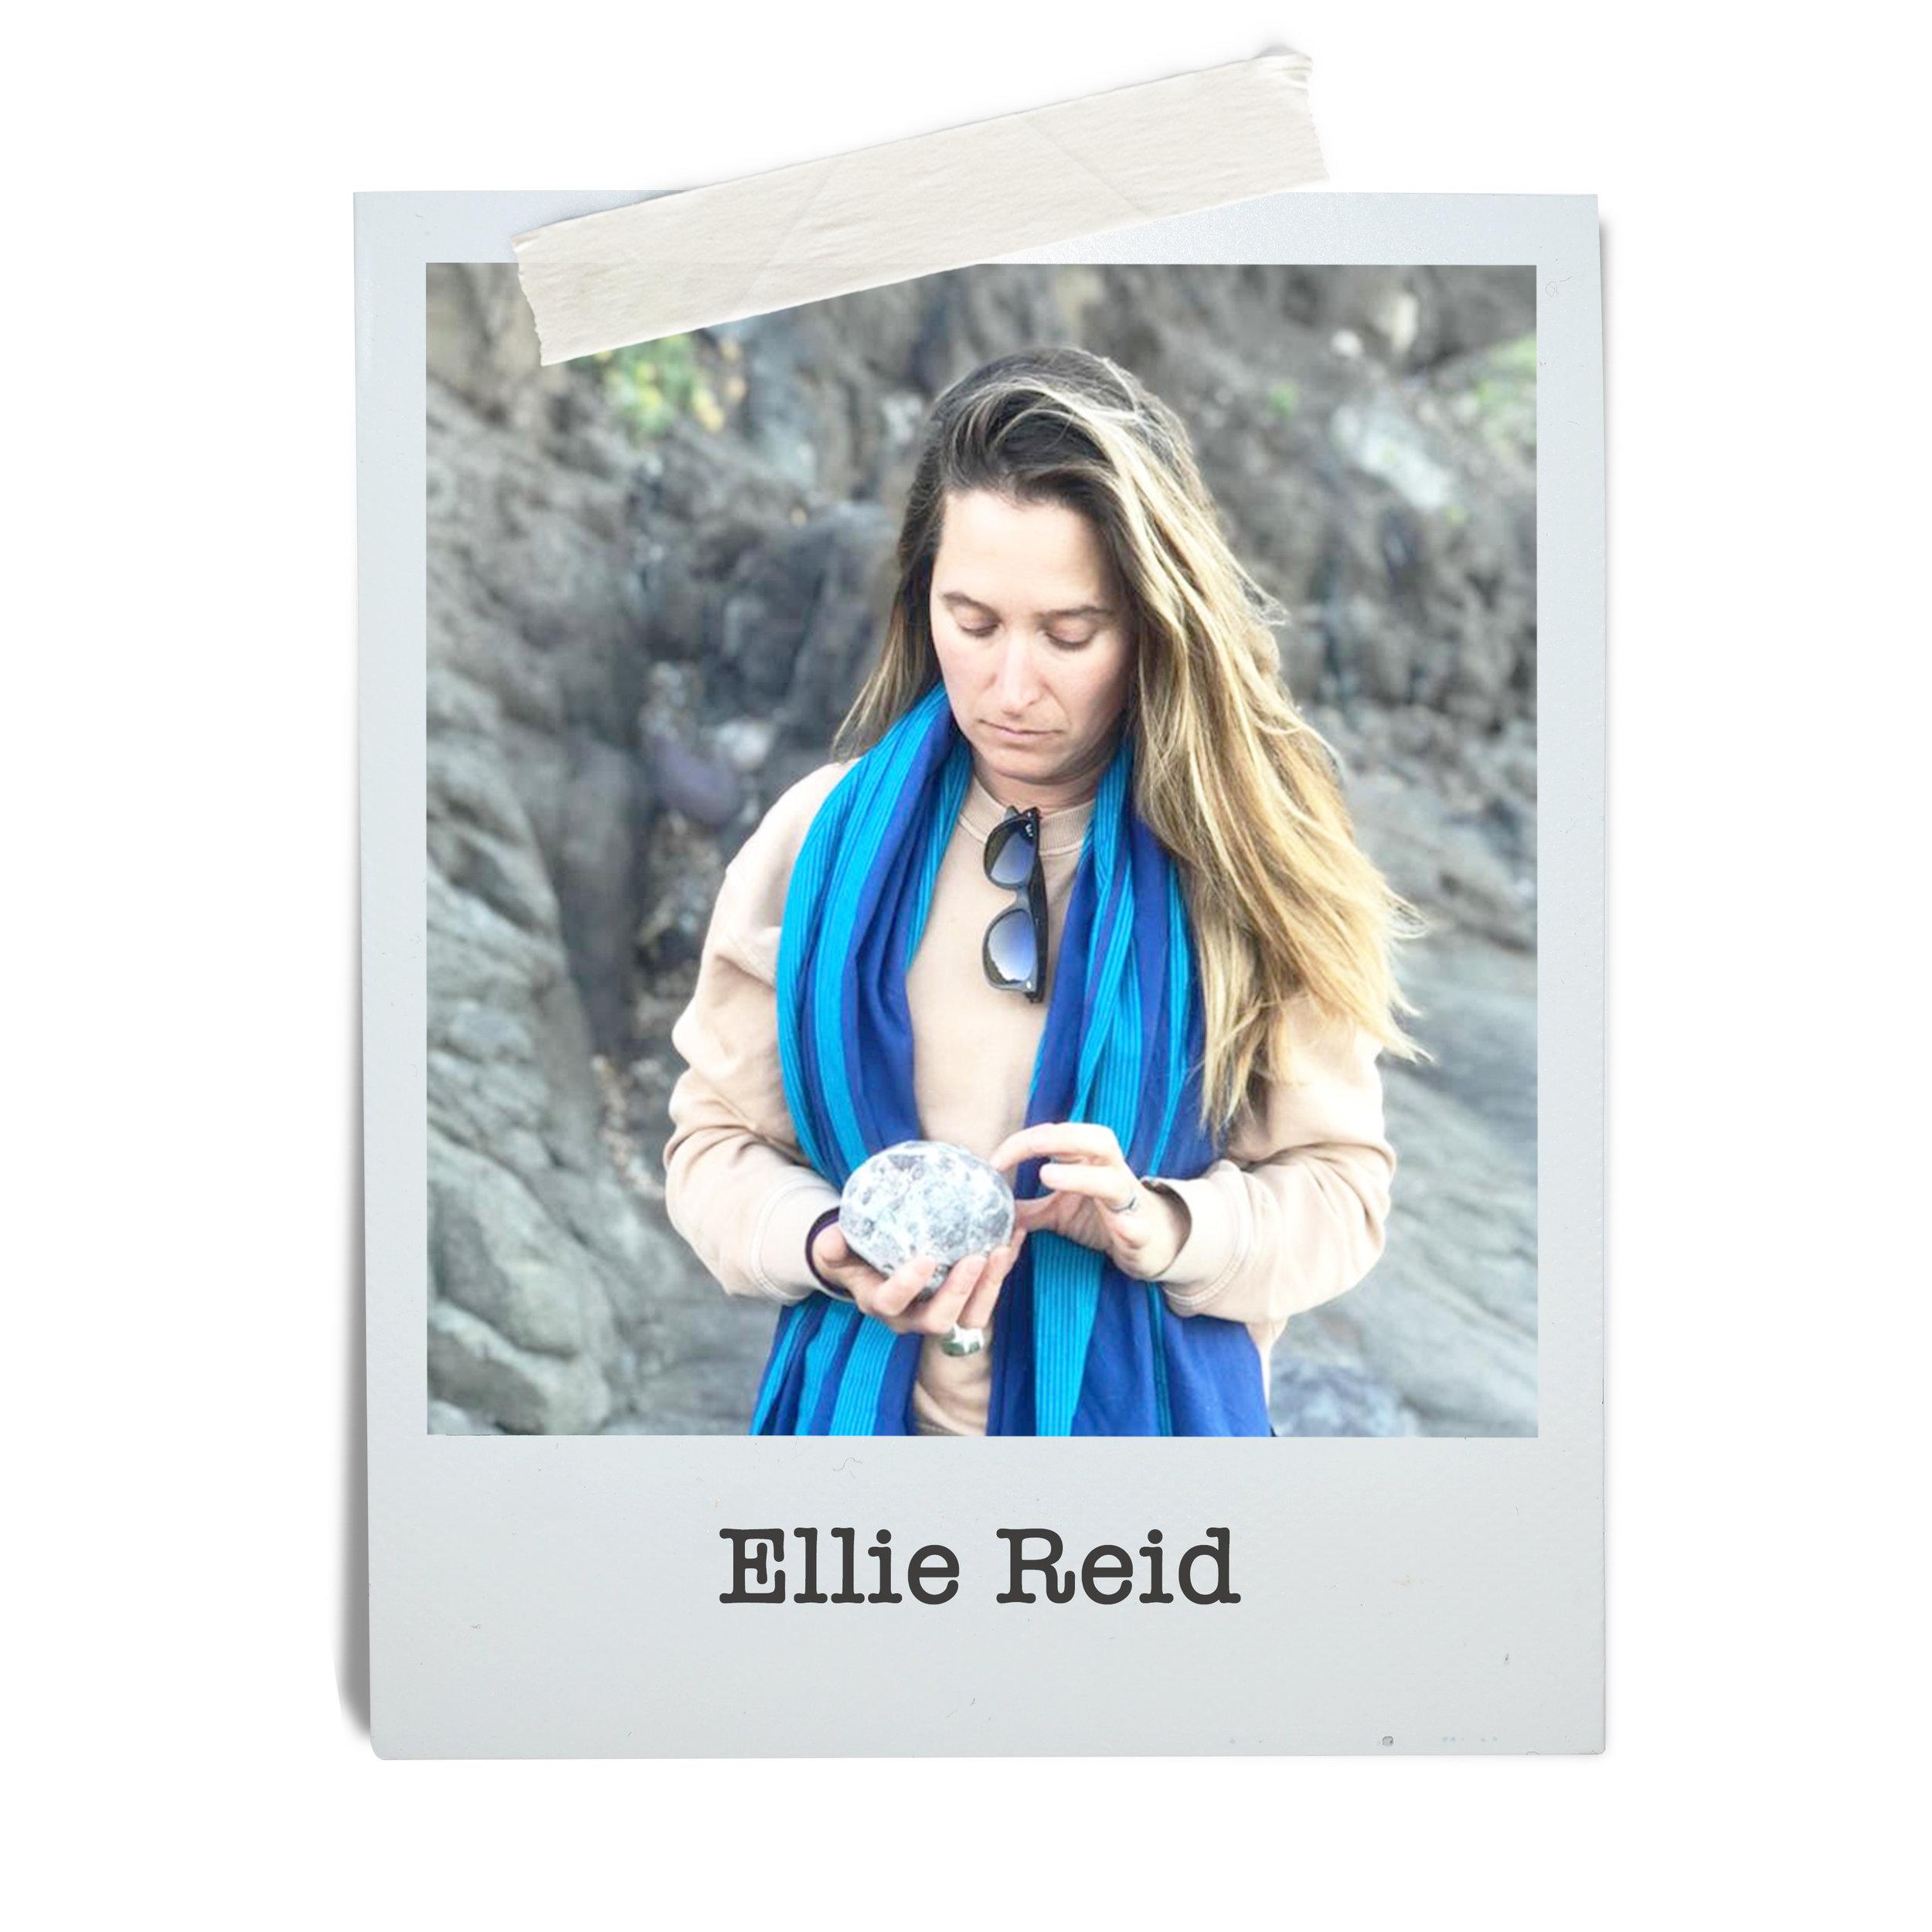 Ellie Reid